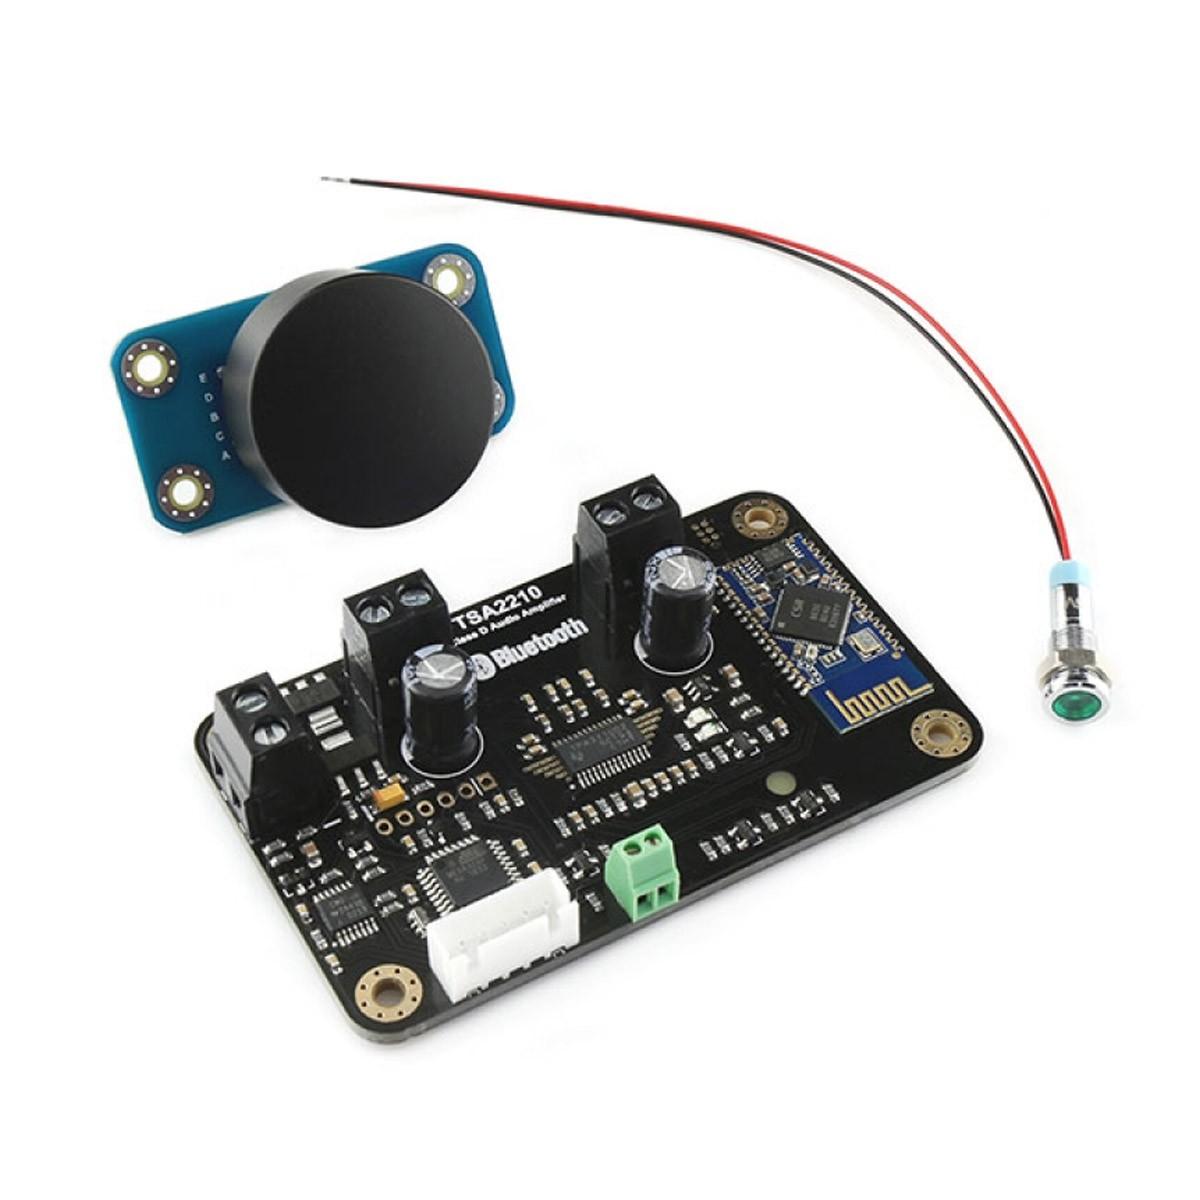 TINYSINE TSA2210 Kit Class D Amplifier Module TPA3110D2 Bluetooth 2x8W + Volume Controller + LED